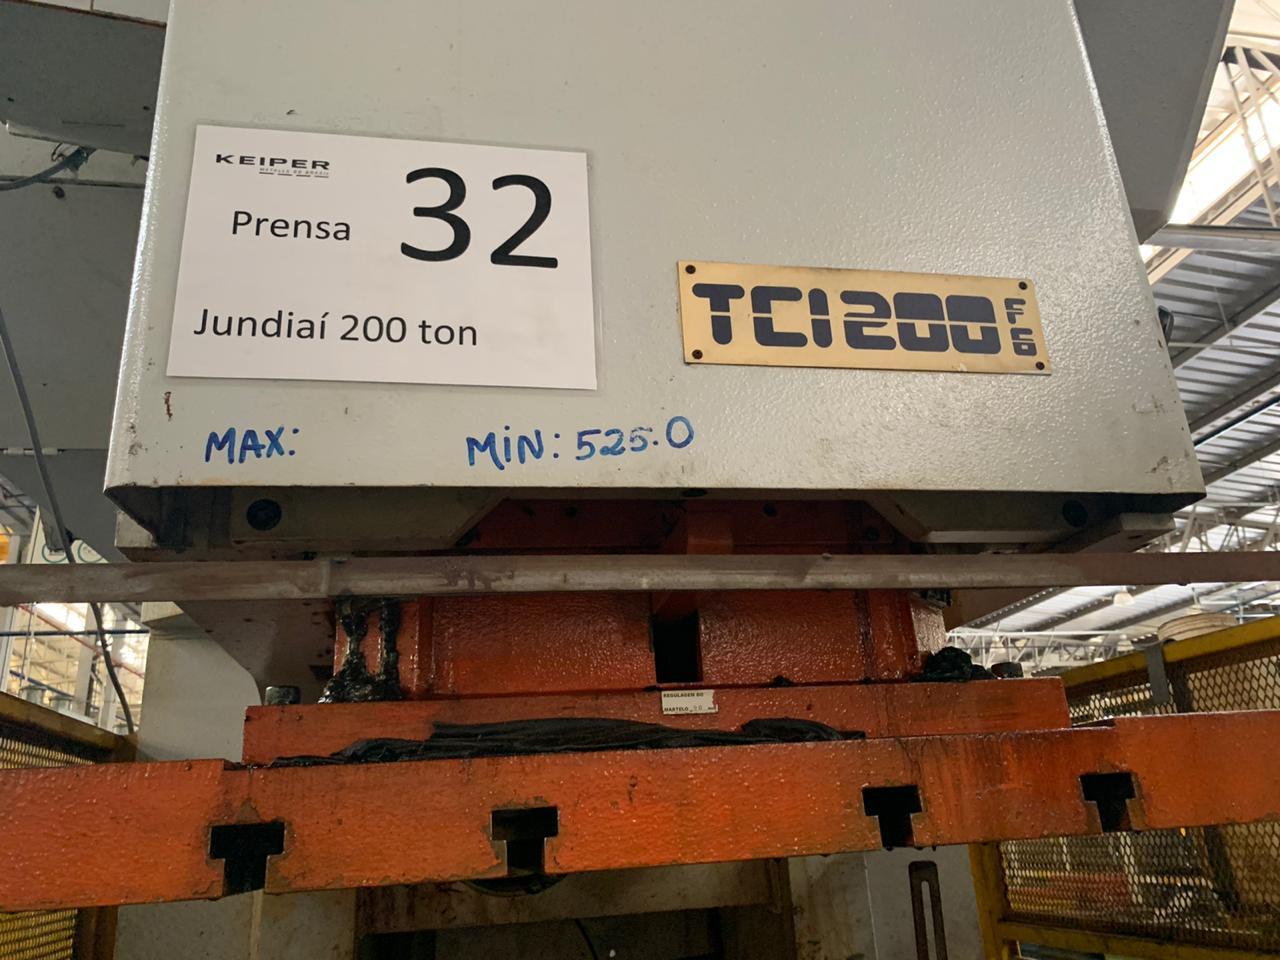 Prensa Excêntrica tipo C jundiaí 200 ton #9-1232  - AEG Comercial